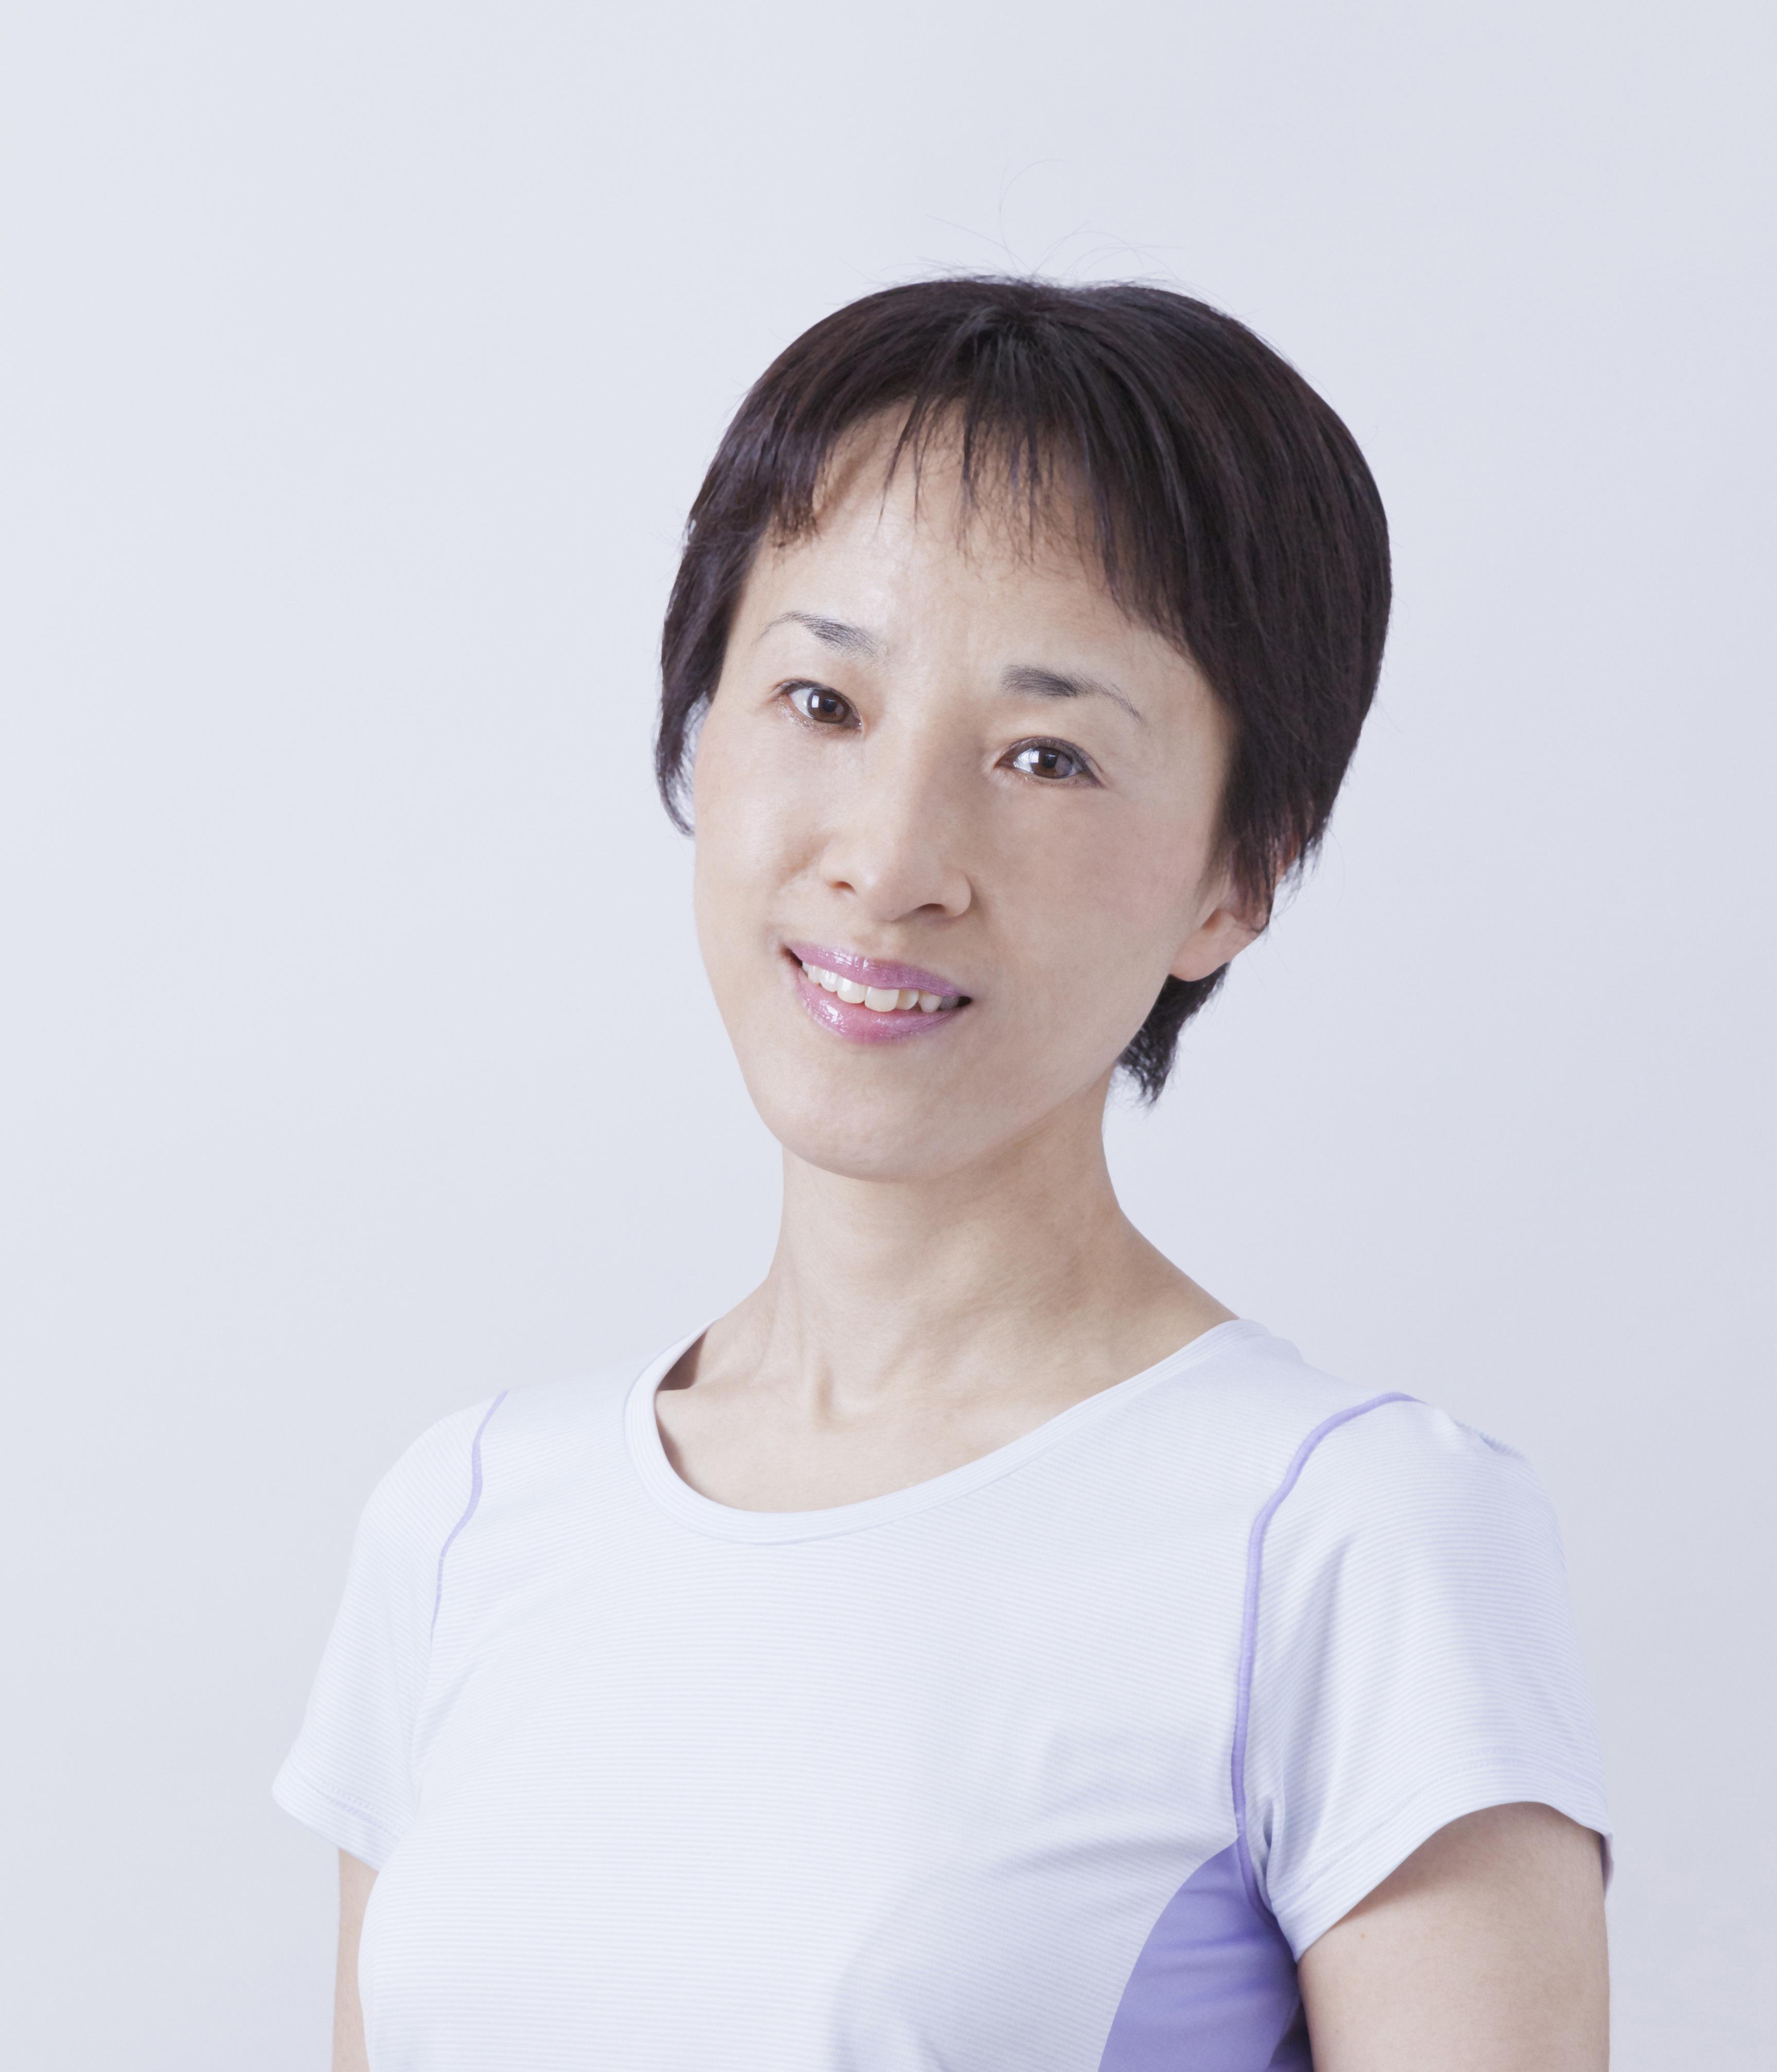 山本ヨガ研究所 - 赤坂雅子(アカサカマサコ)さんの写真